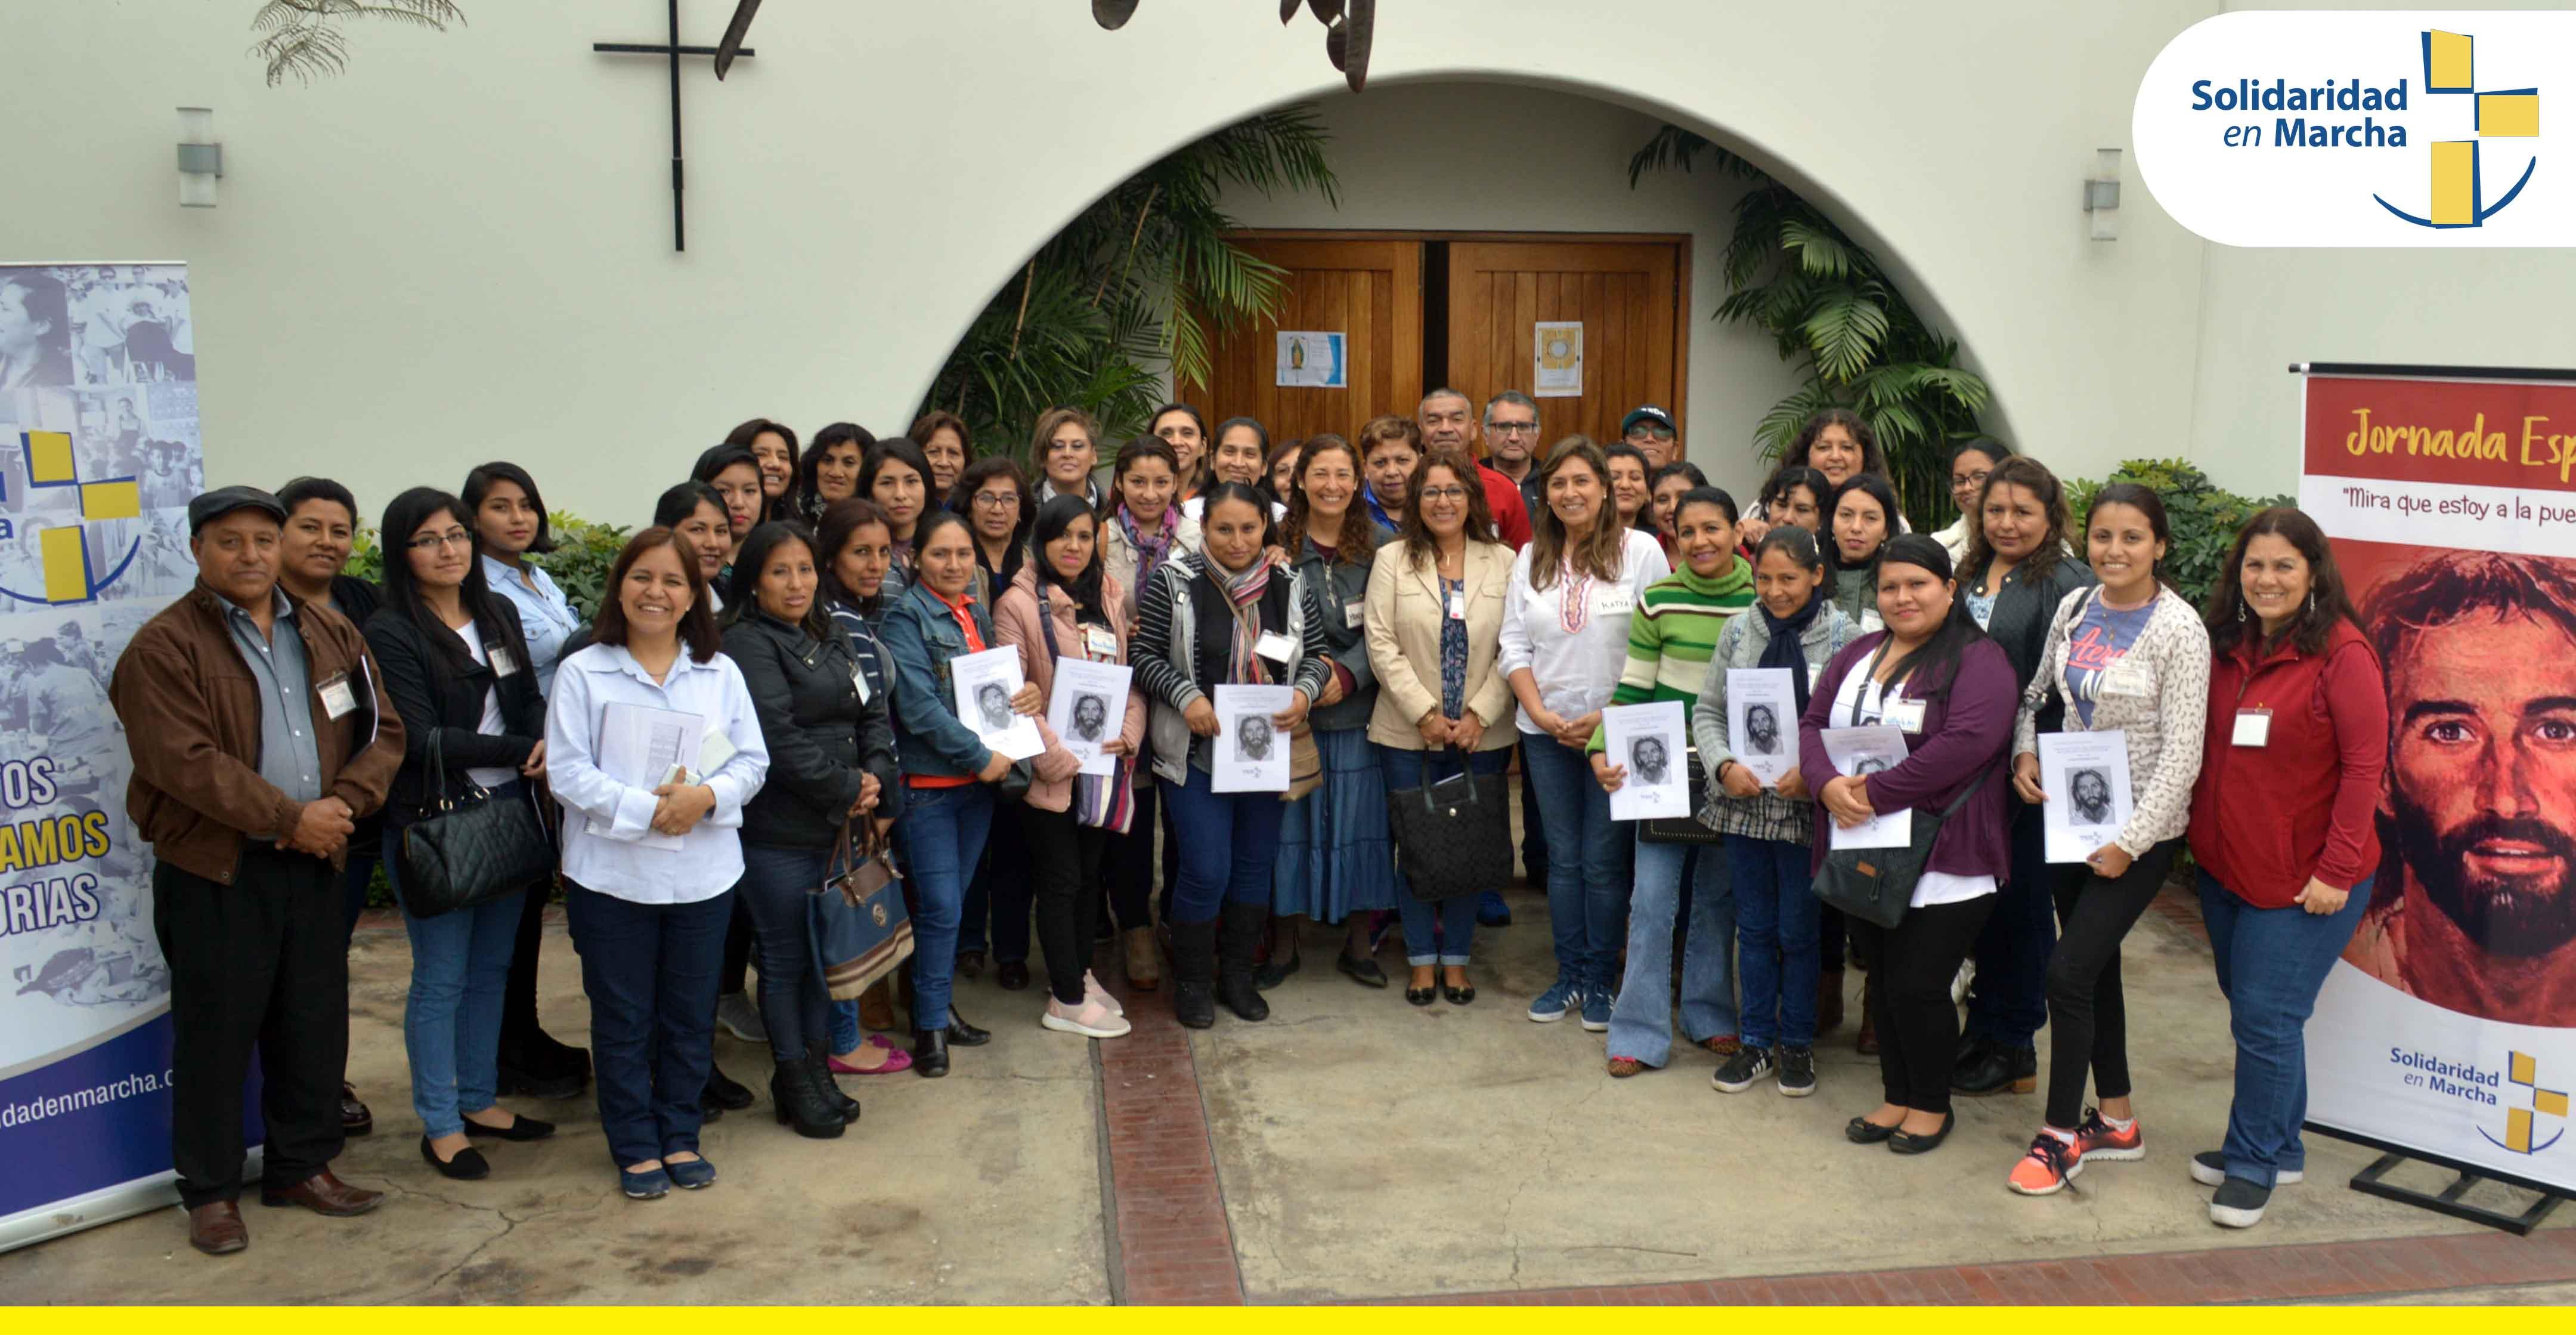 Solidaridad en Marcha realiza Jornada Espiritual para Colaboradores SEM